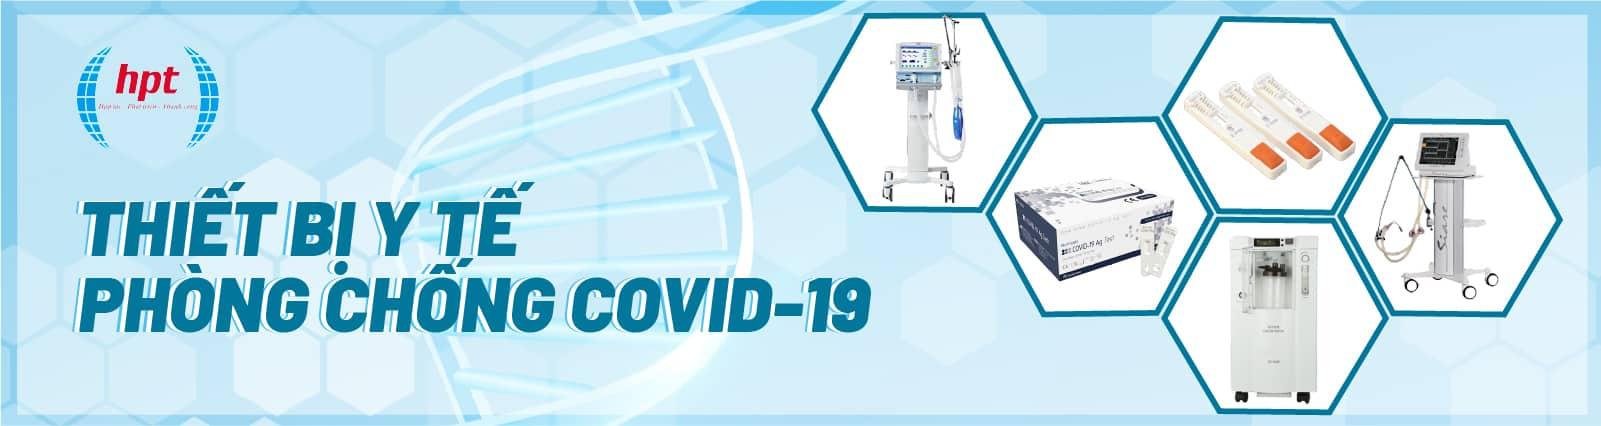 Thiết bị phòng chống COVID-19